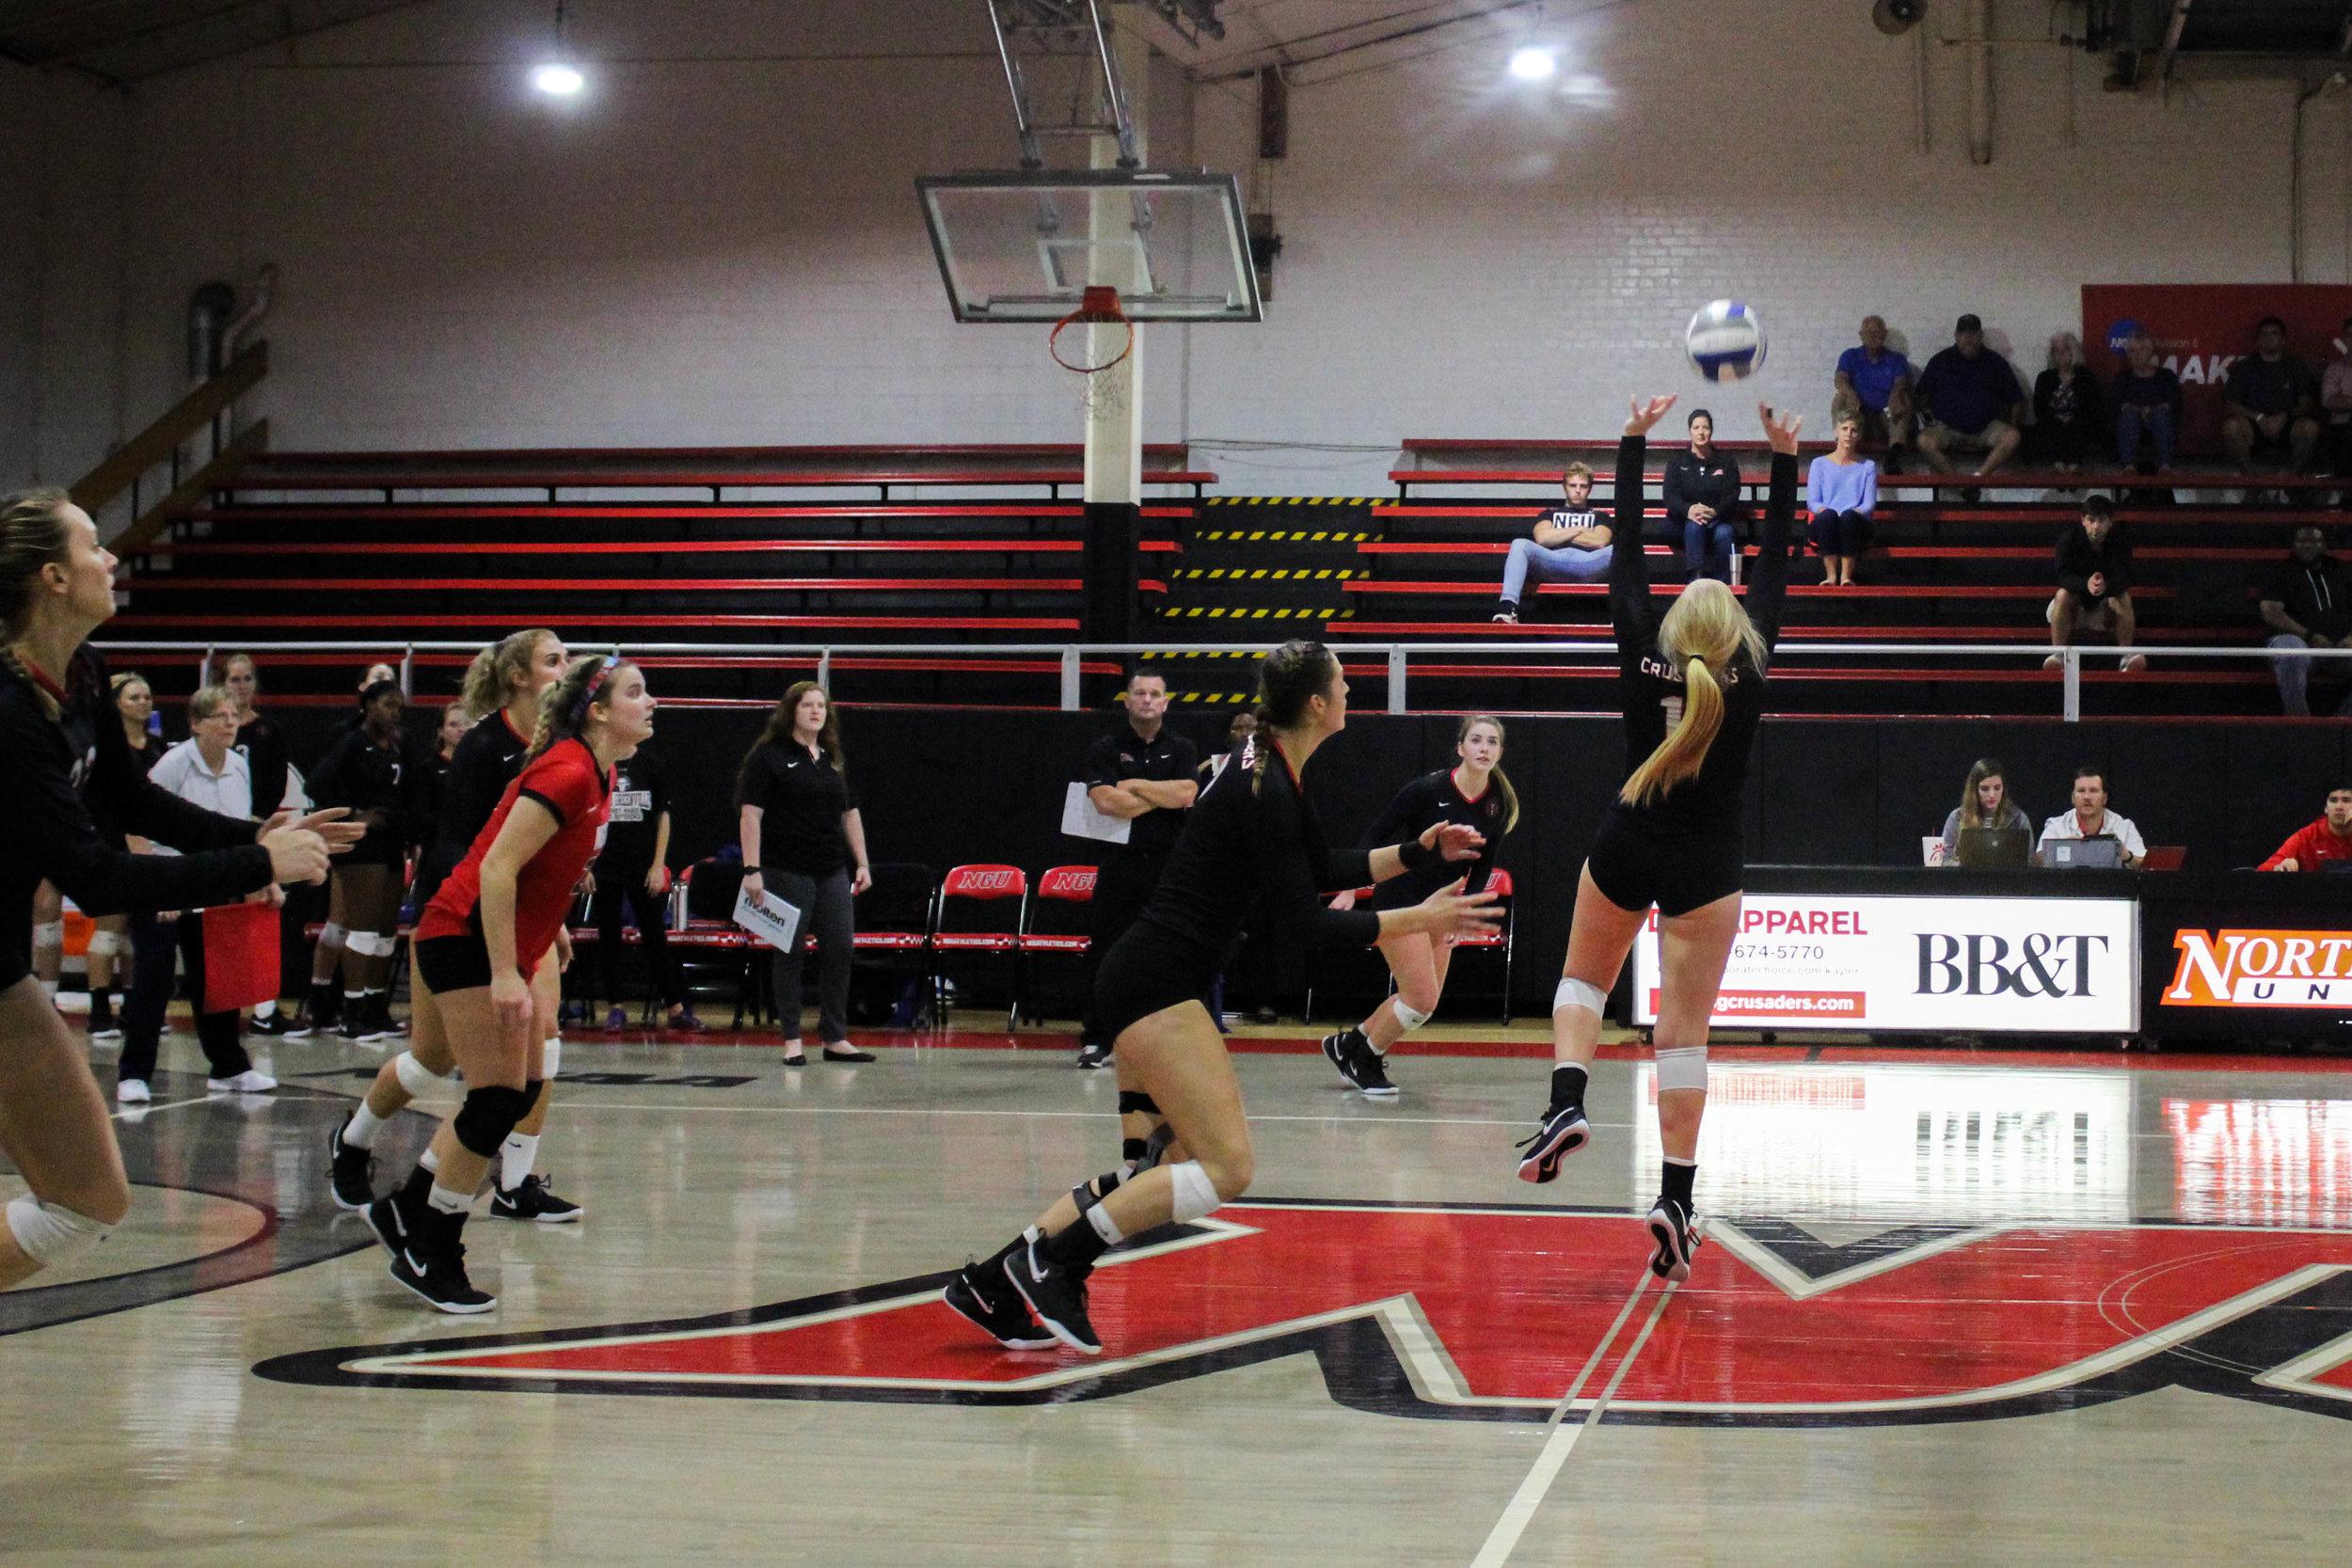 Senior Annie Beisecker (17) runs forward as she prepares to hit the ball set up by senior Sara Miller (11).